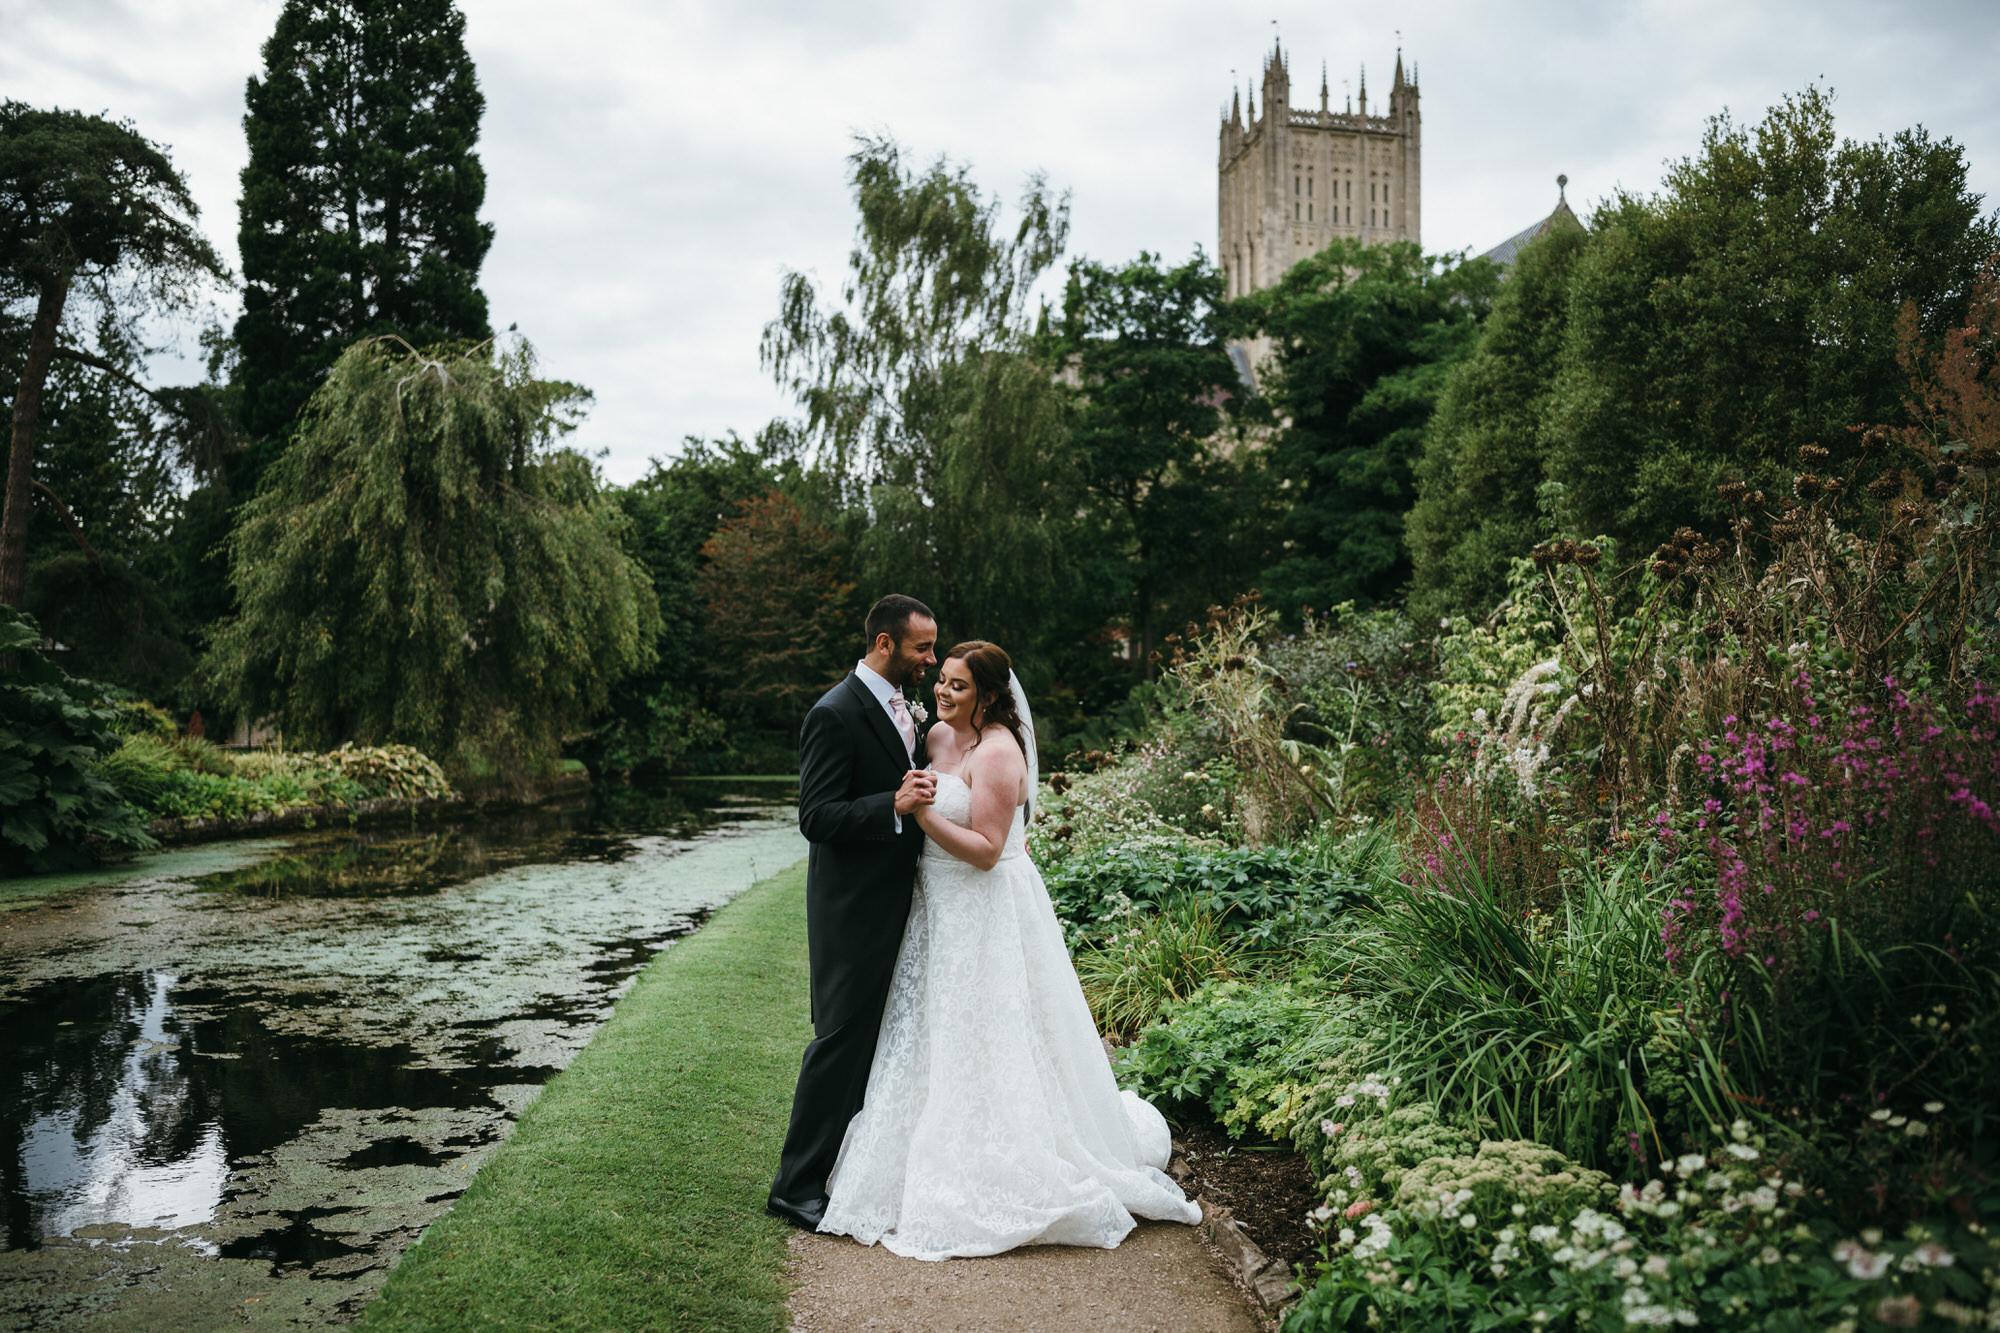 Natural wedding photography at Bishops Palace